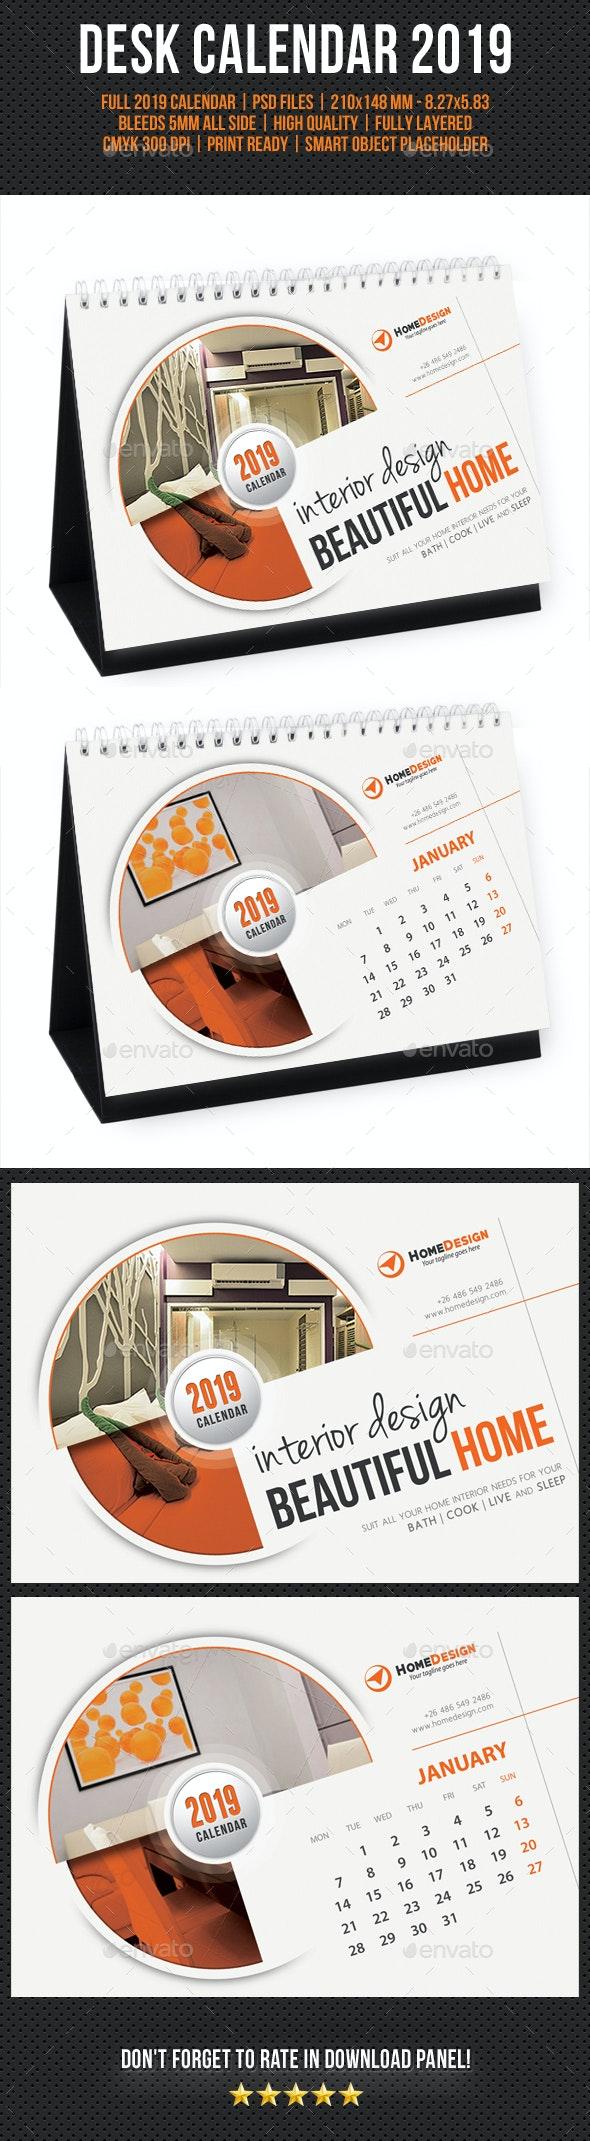 Creative Desk Calendar 2019 V06 - Calendars Stationery